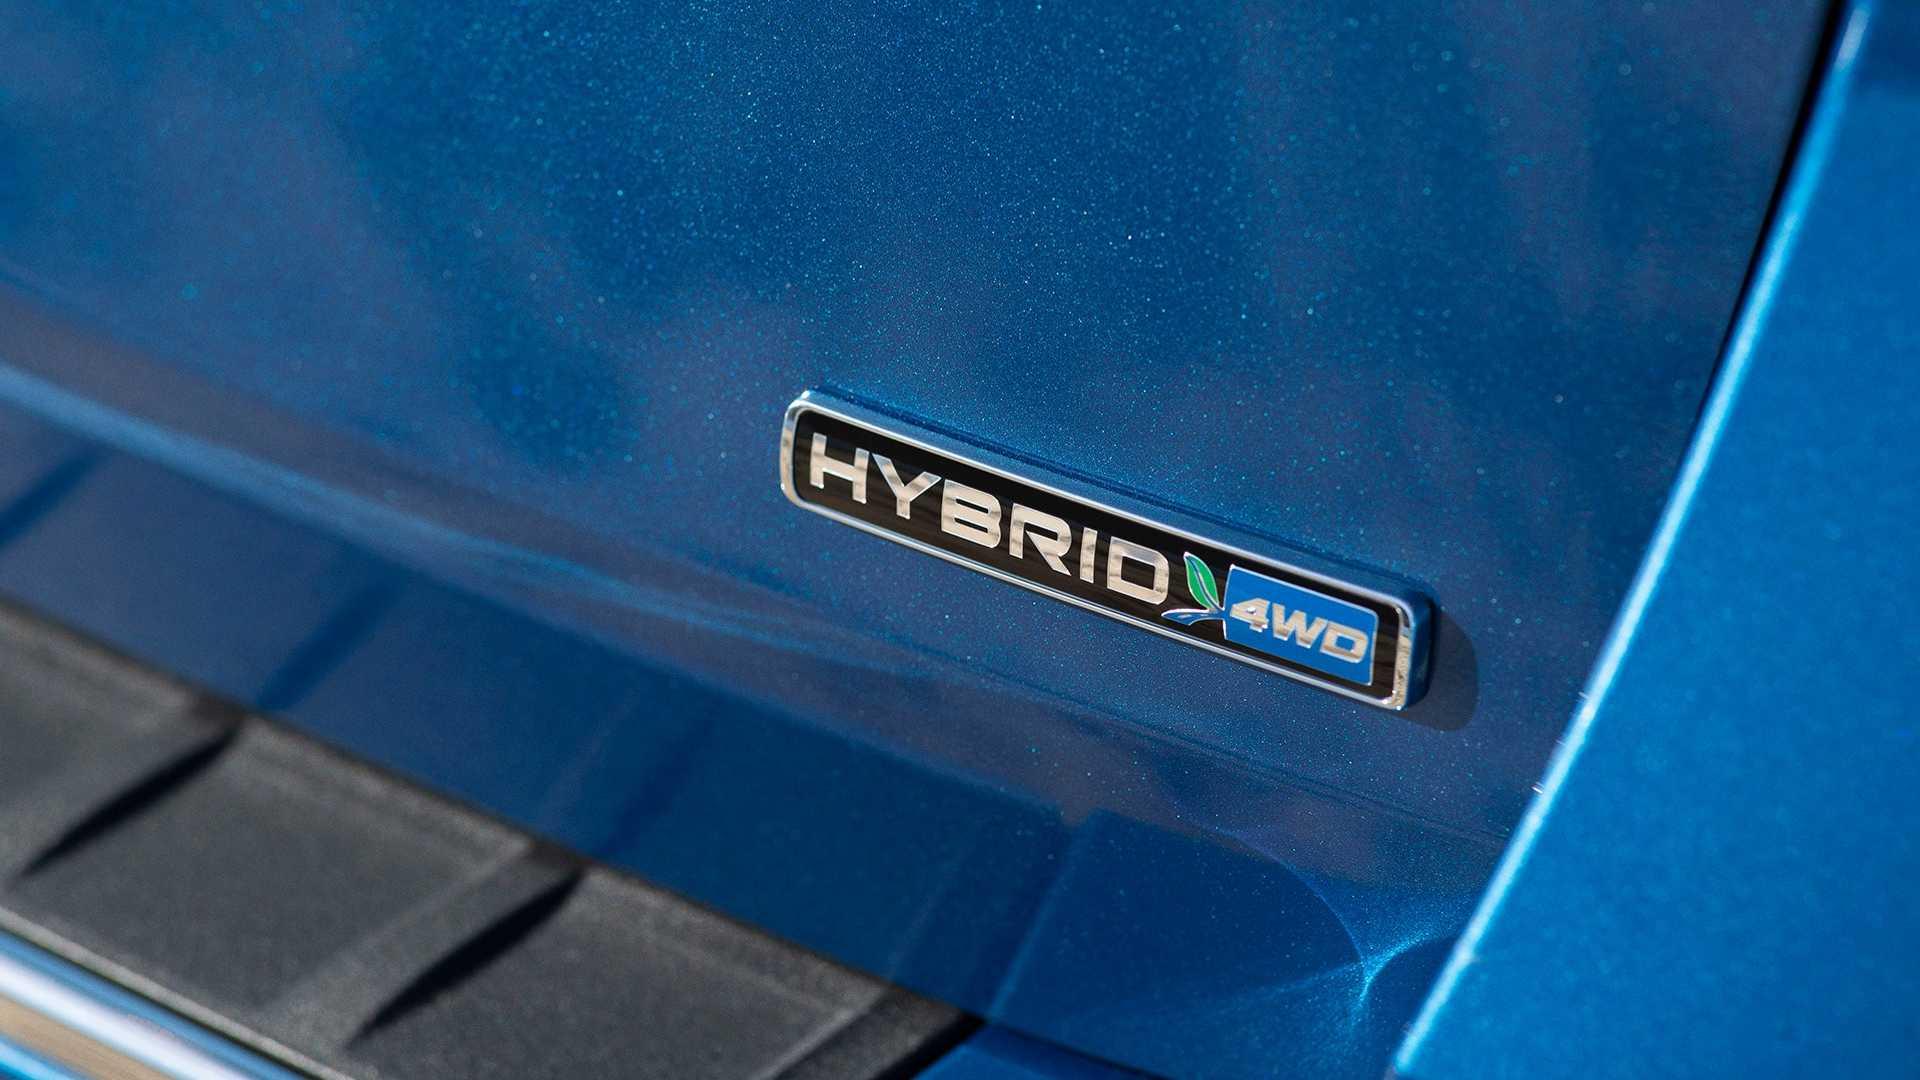 2020-ford-explorer-hybrid (2)